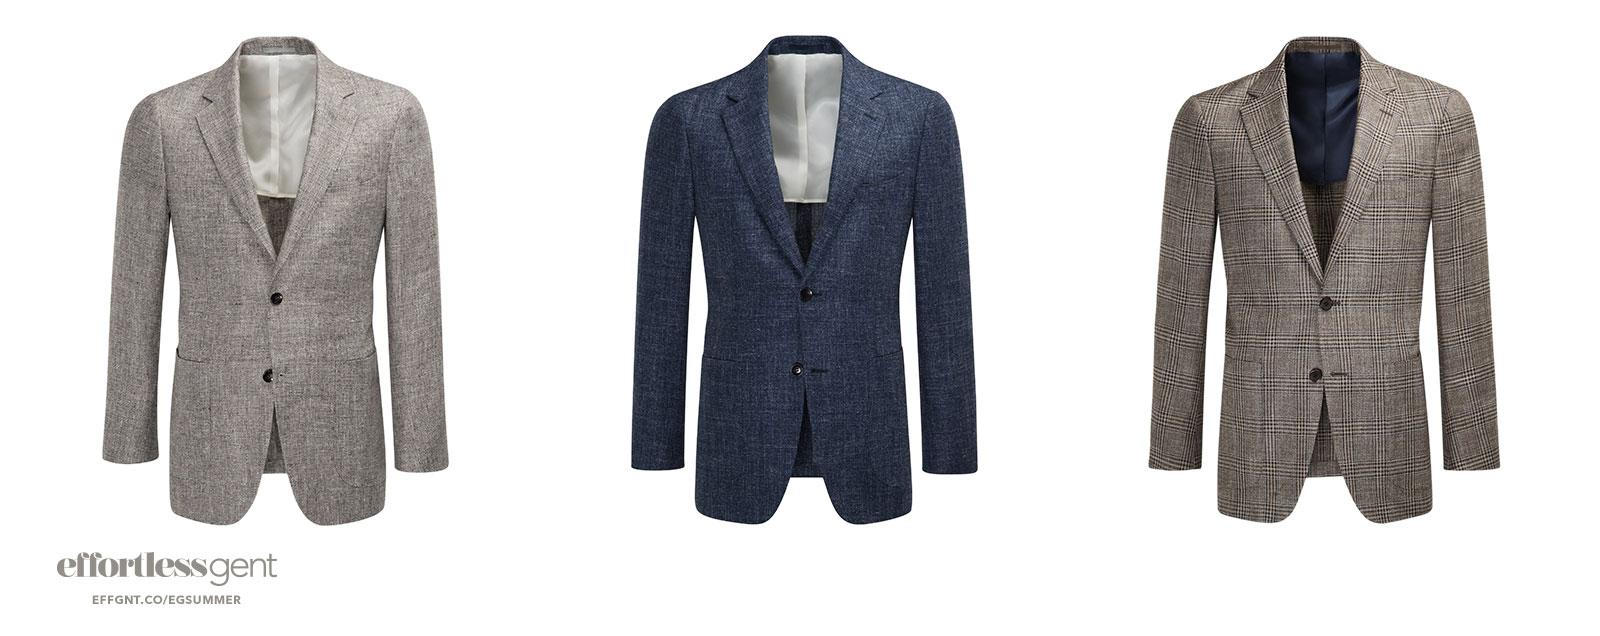 jackets - summer clothes for men - effortless gent